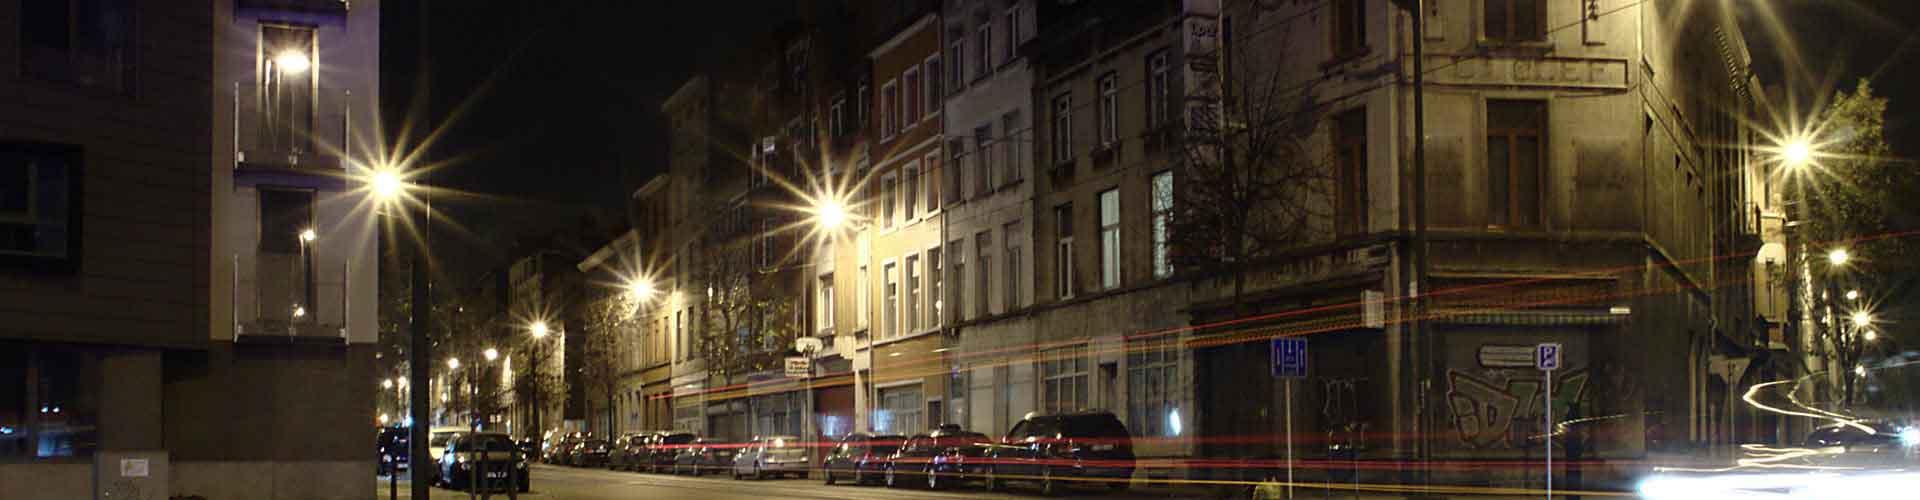 Bruselas - Habitaciones en el distrito Molenbeek-Saint-Jean. Mapas de Bruselas, Fotos y Comentarios para cada habitación en Bruselas.